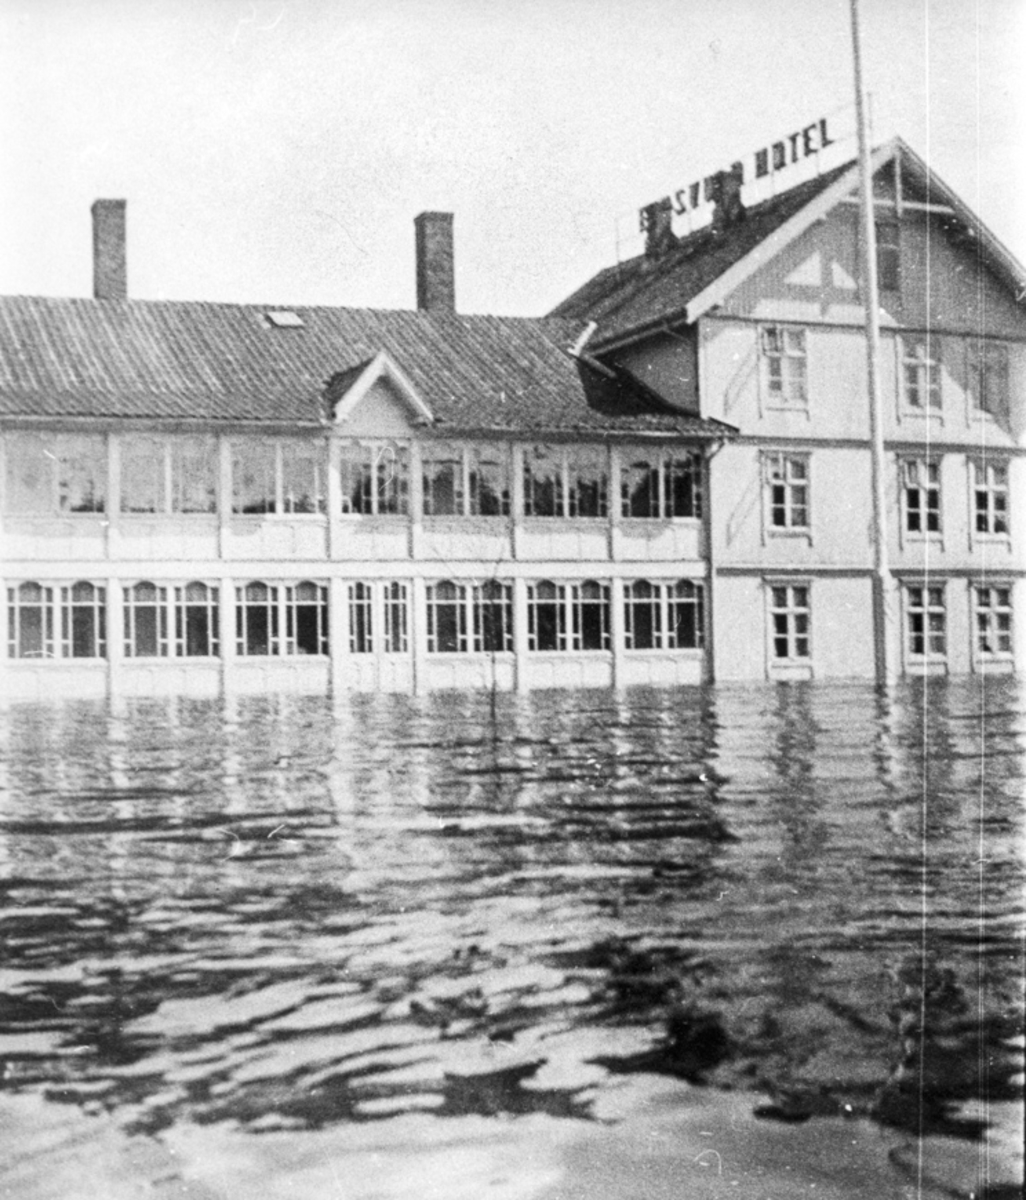 Flom i Sundet. Eidsvoll Hotell / «Eidsvold Hotel». Sannsynligvis i 1927. «Eidsvold Hotel 11.7.1927» står bak på bildet.